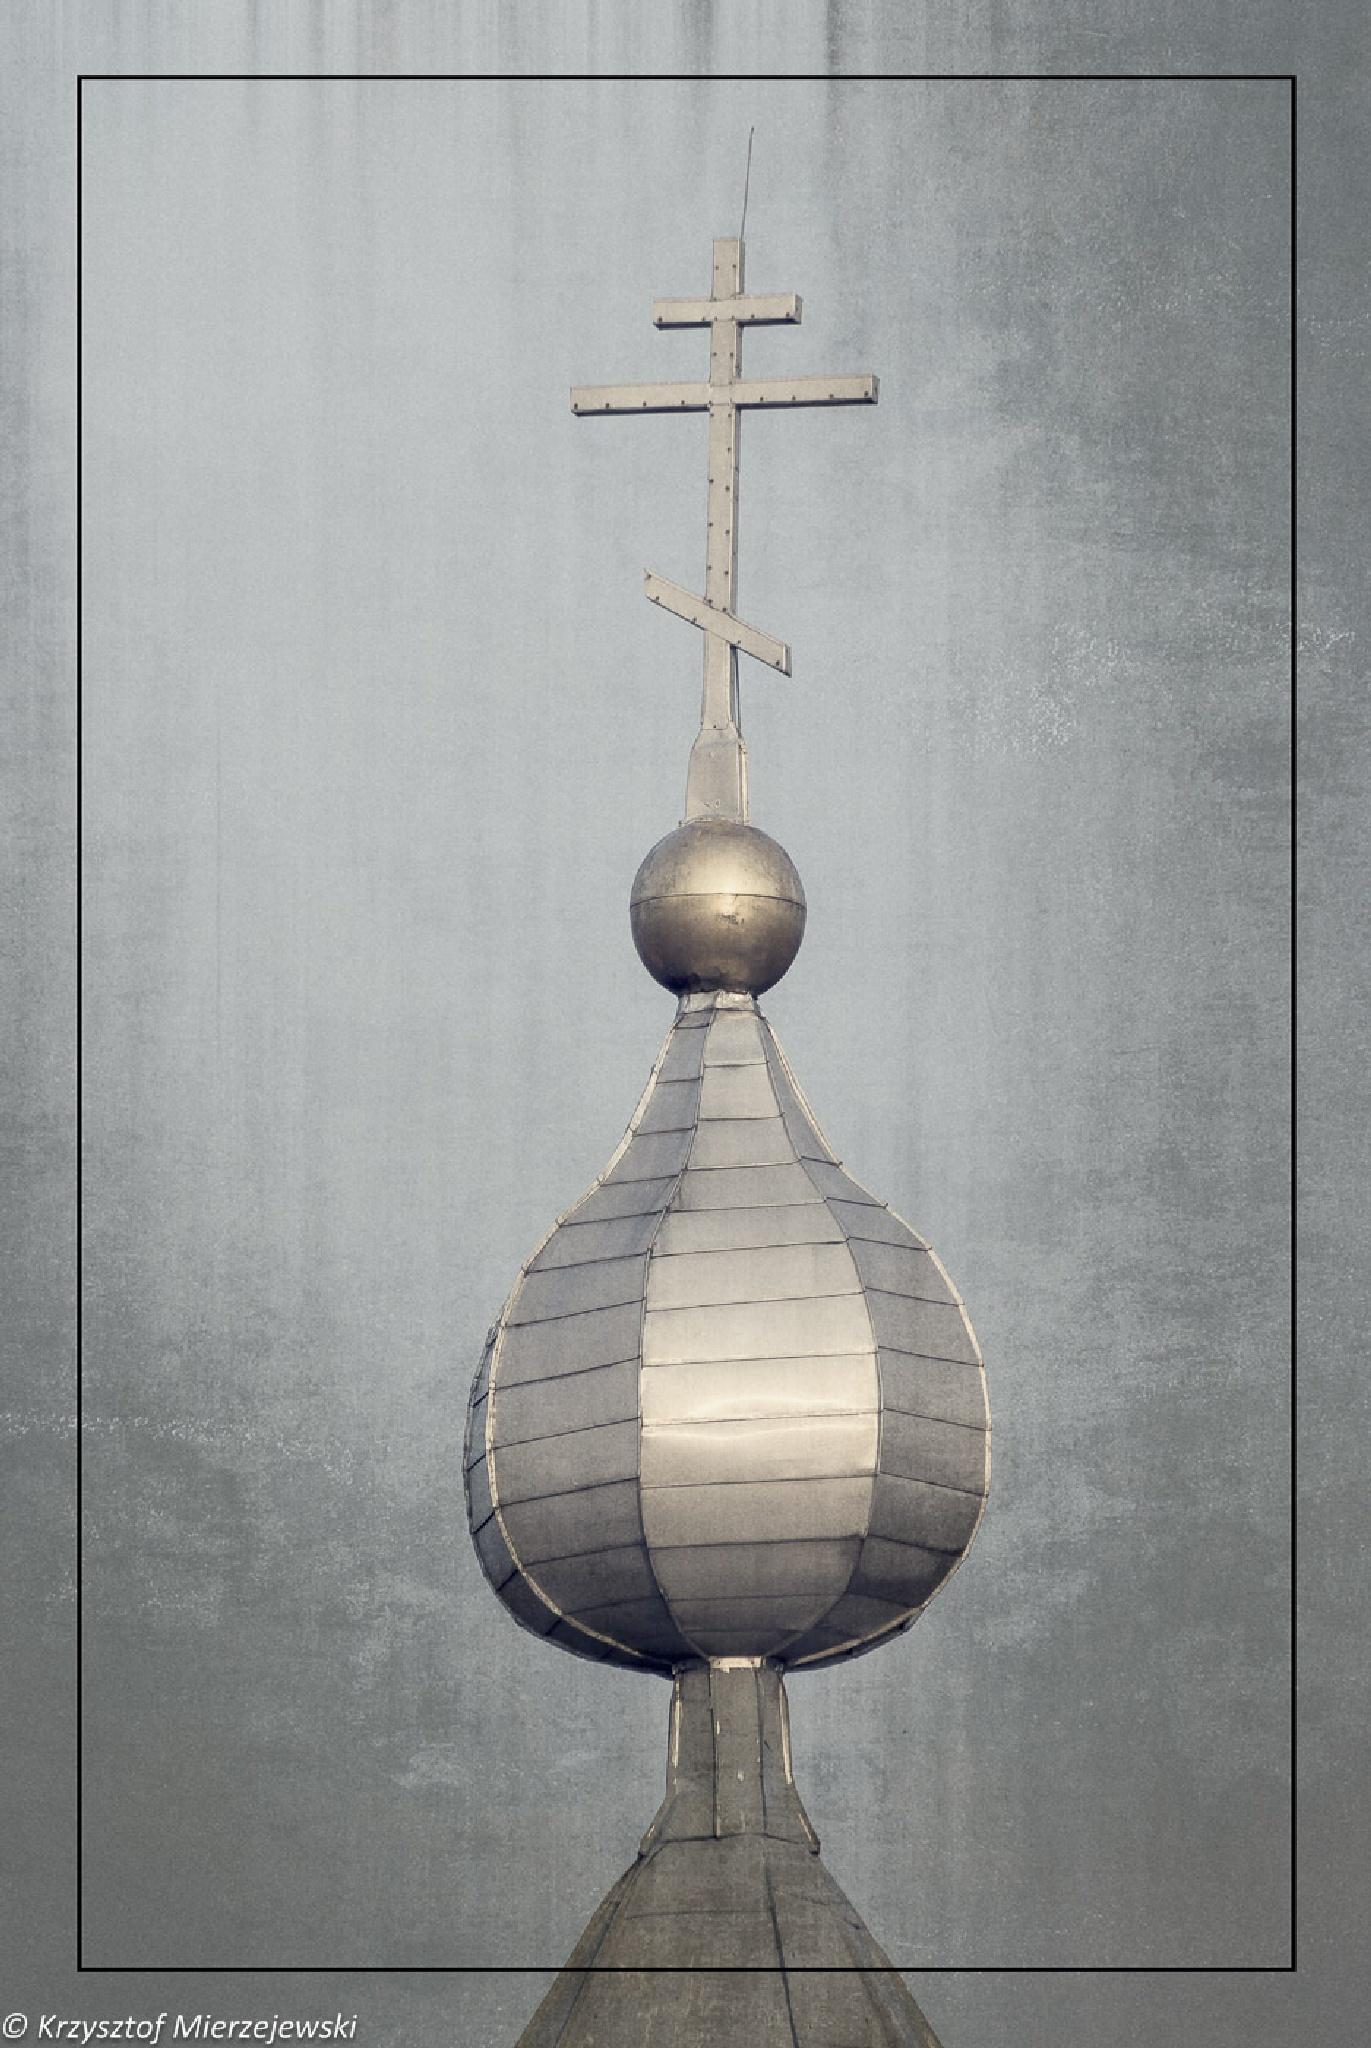 Sacrum by Krzysztof Mierzejewski